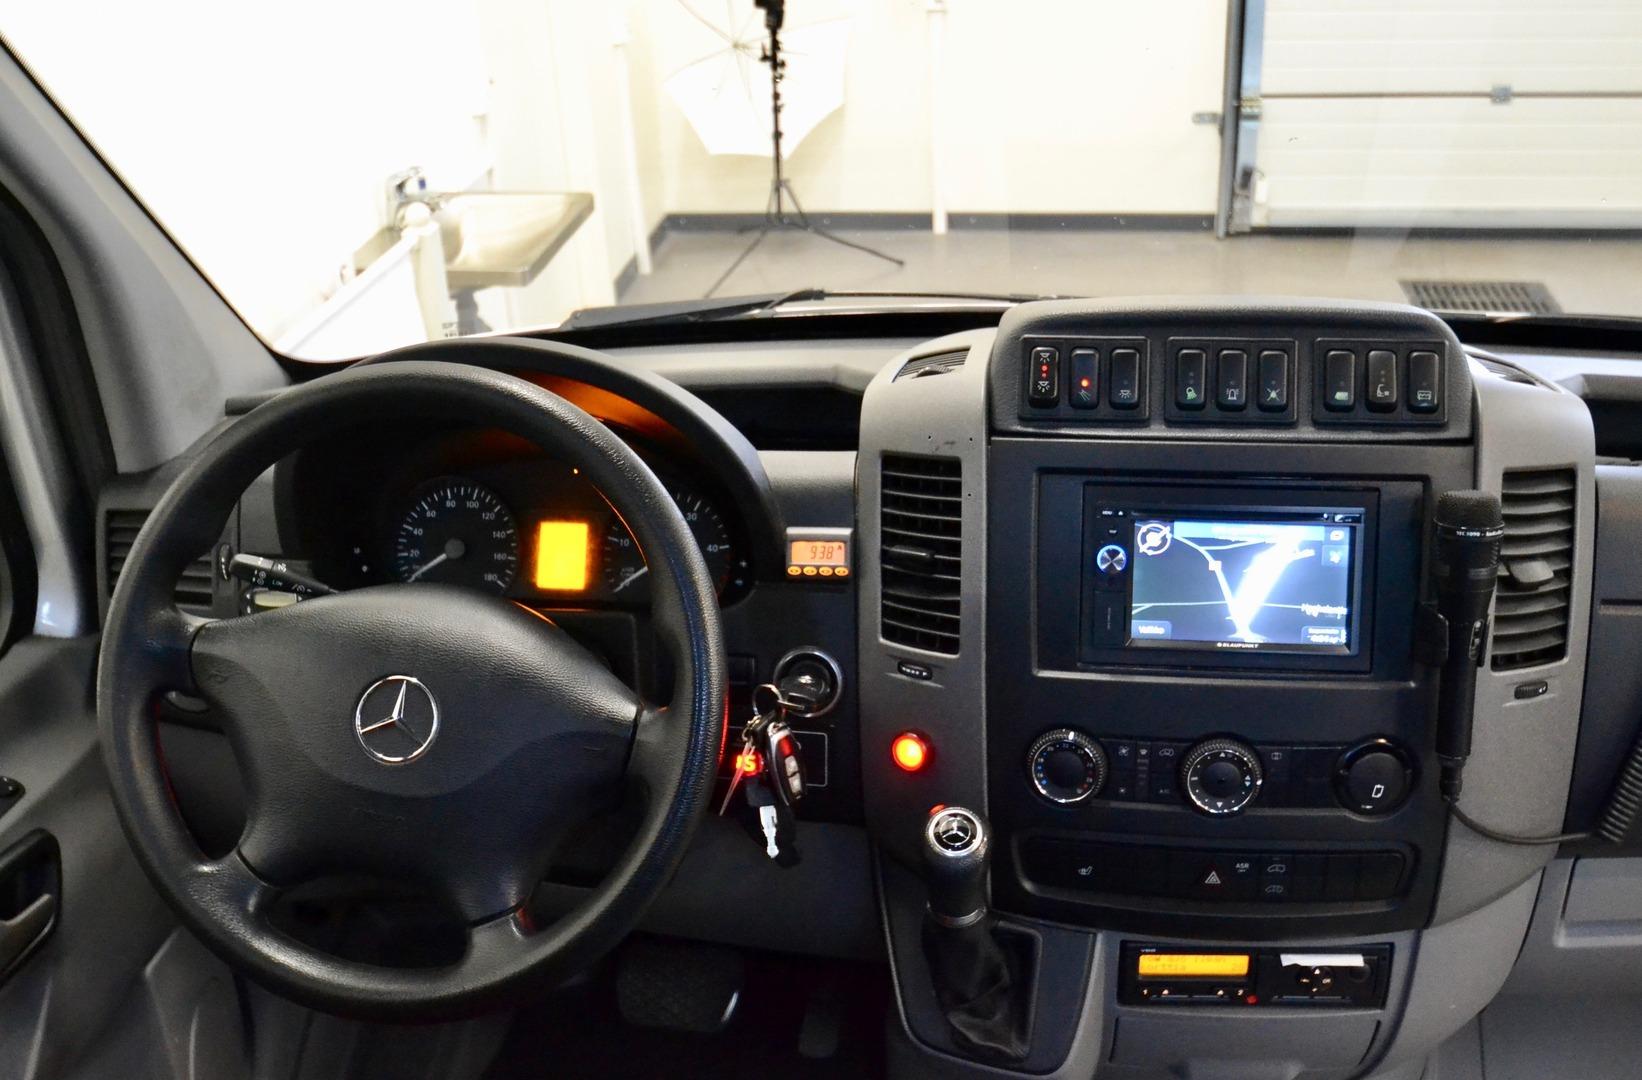 Mercedes-Benz SPRINTER 516 CDI, Altas 20 paikkaa